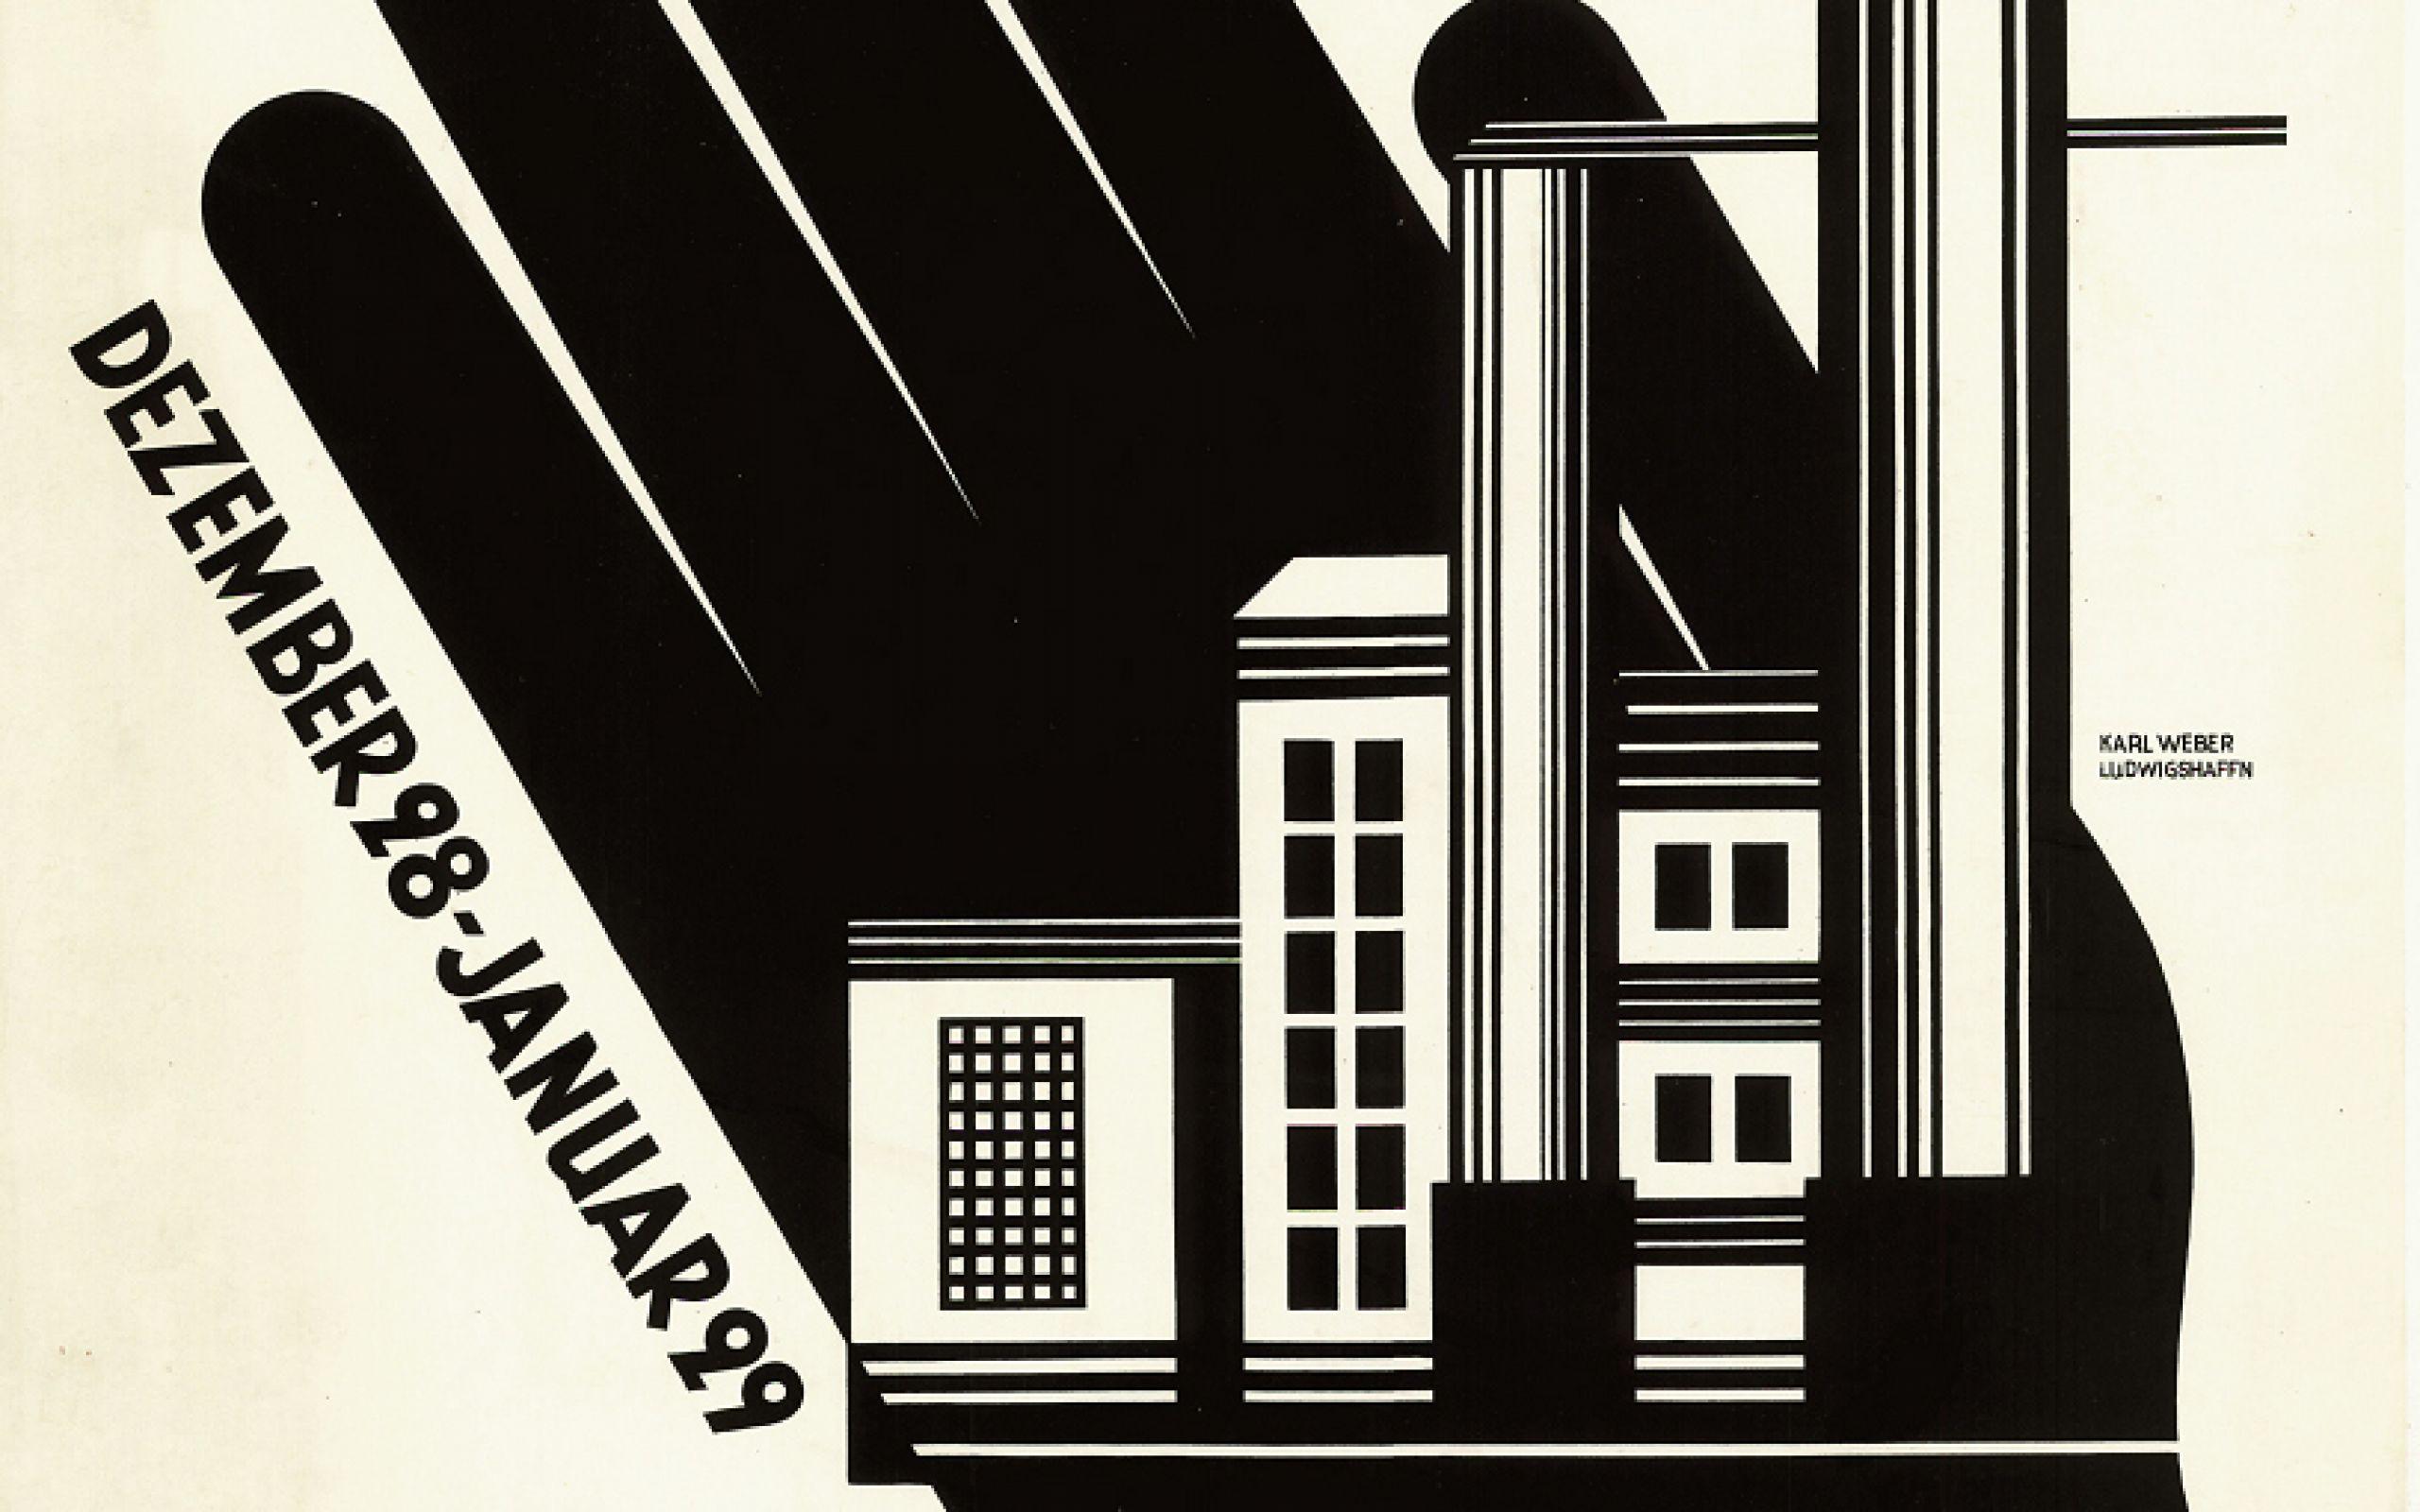 Karl Weber Handwerkskunst im Maschinenzeitalter, 1928 / 29 Lithografie